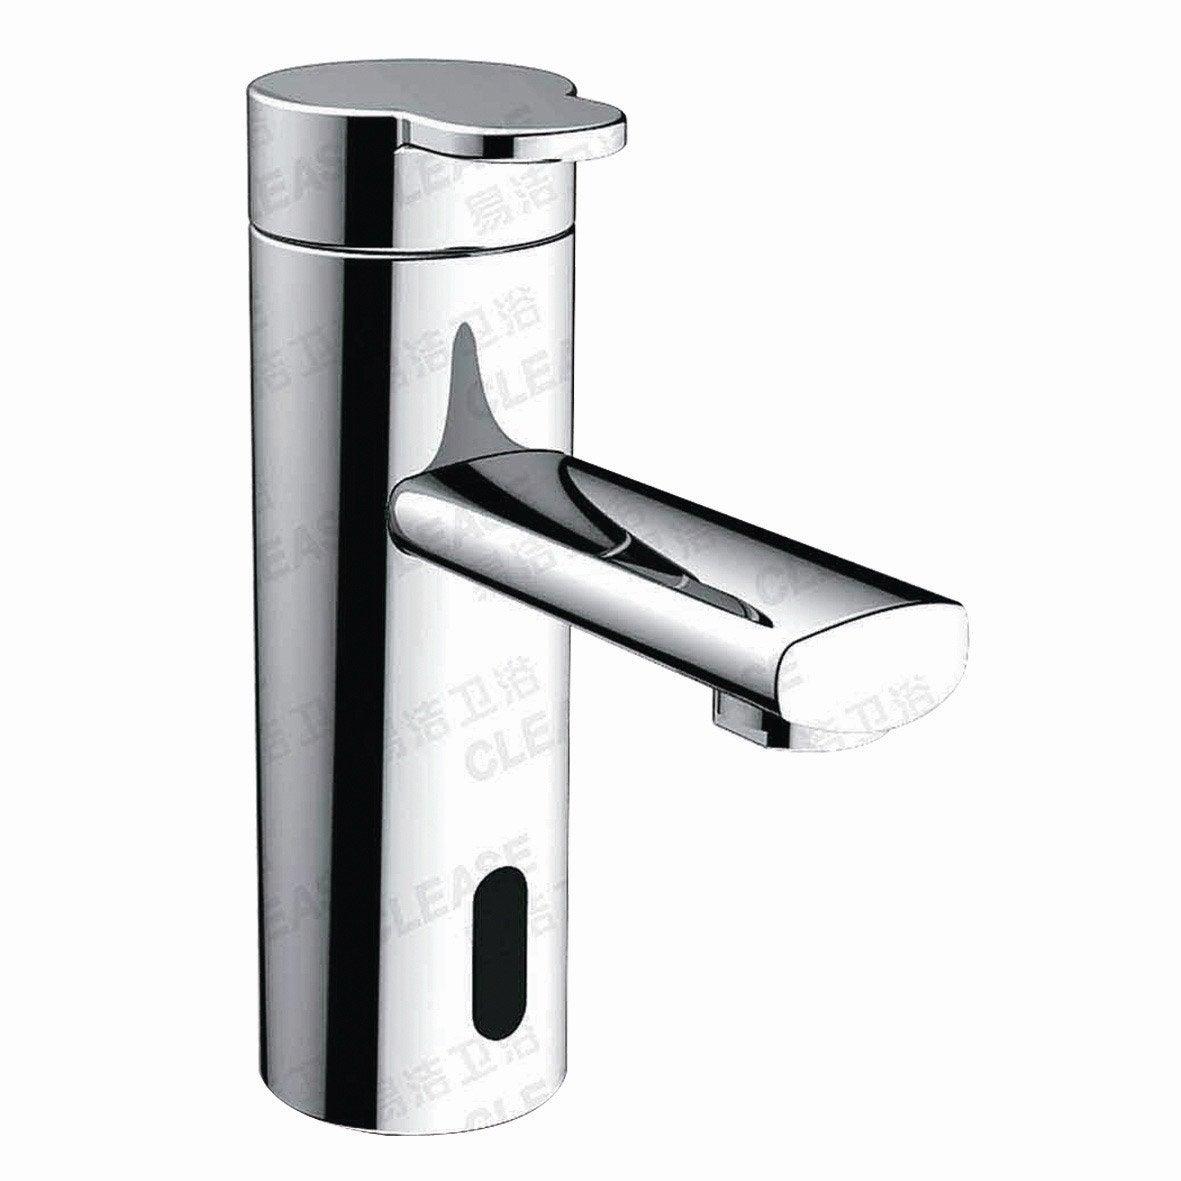 Mitigeur de lave mains eau froide sensea kerio leroy merlin - Meuble lave mains leroy merlin ...